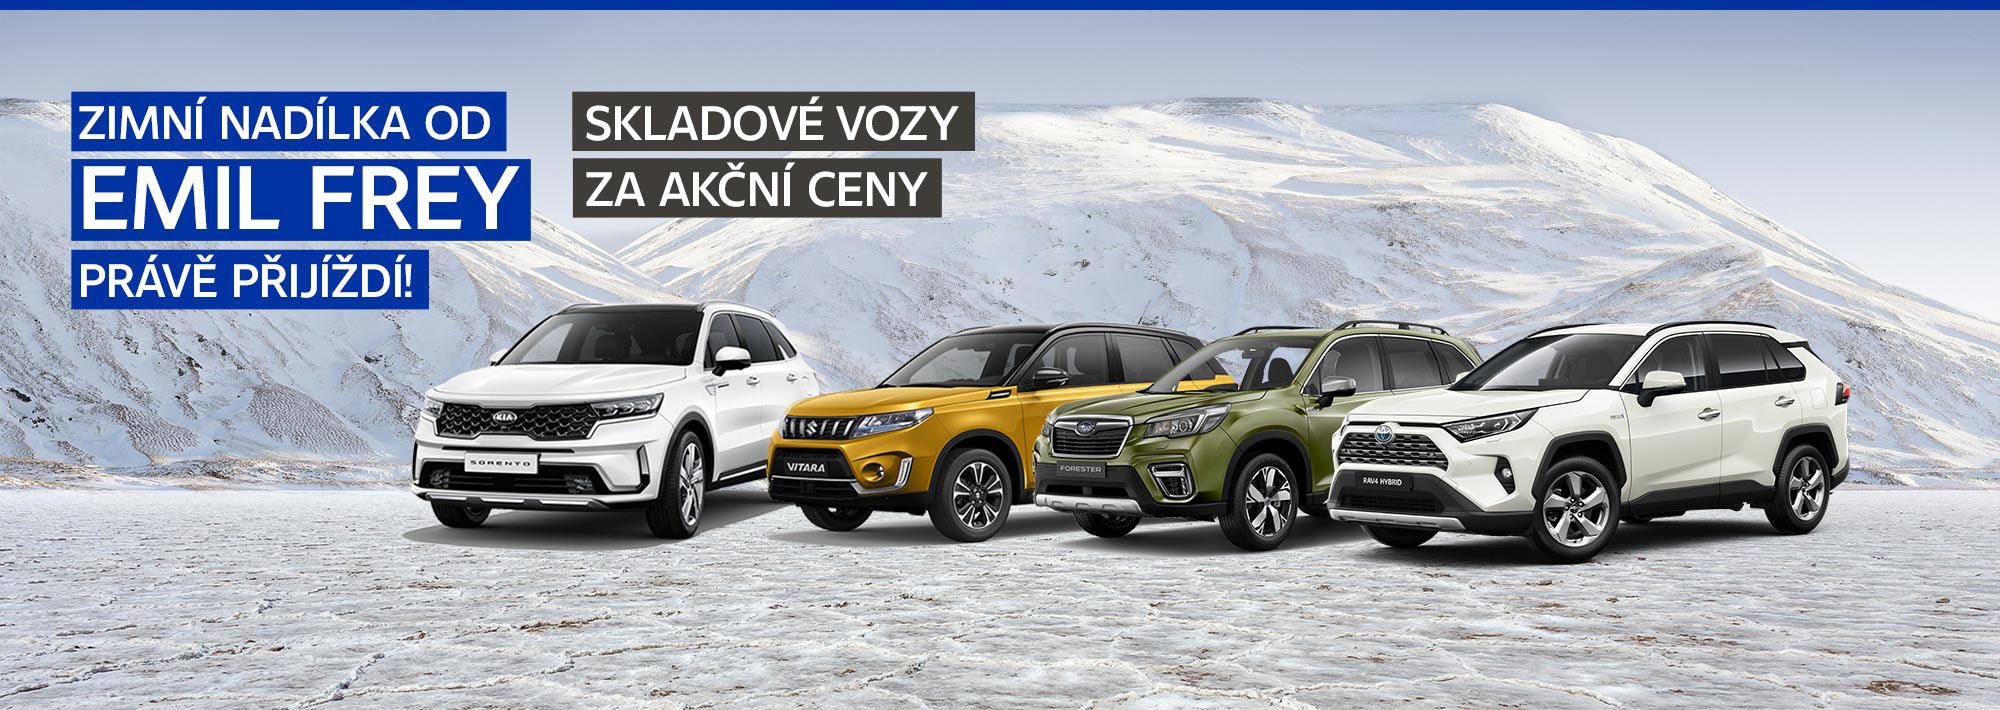 Emil Frey ČR: Emil Frey, prodejce, Subaru, Toyota, Kia, Suzuki